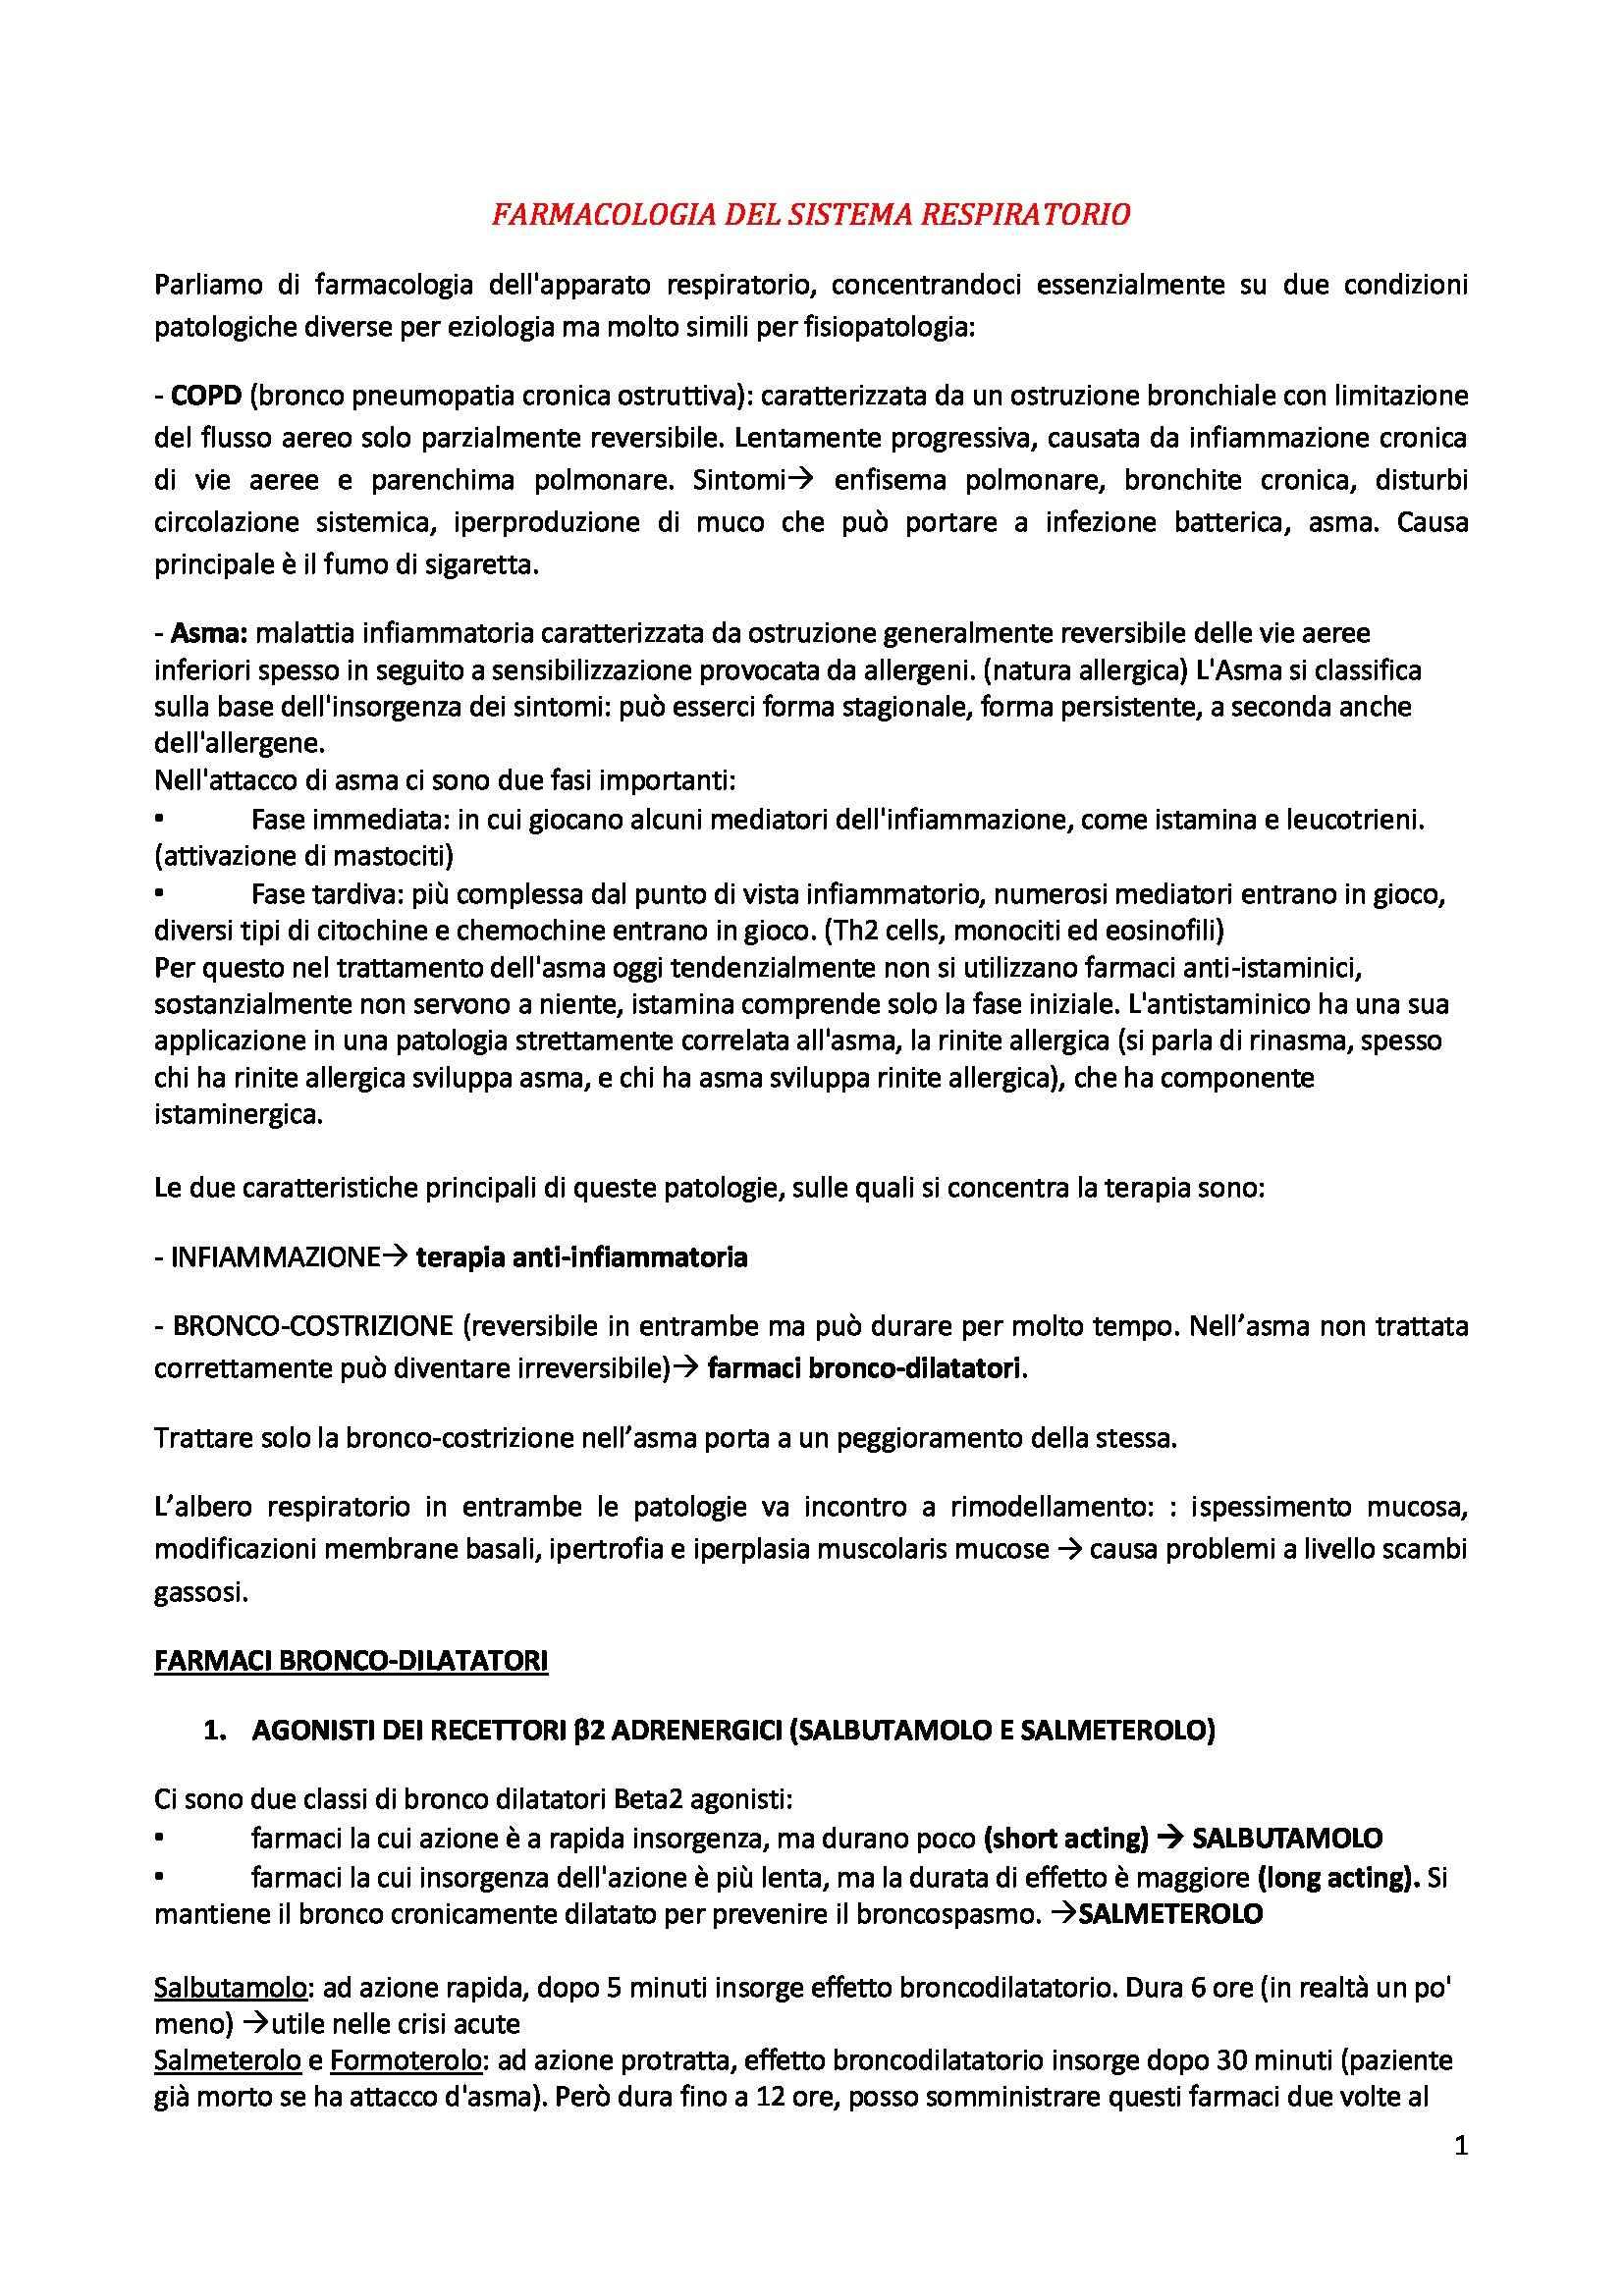 Farmacologia speciale - farmacologia del sistema respiratorio